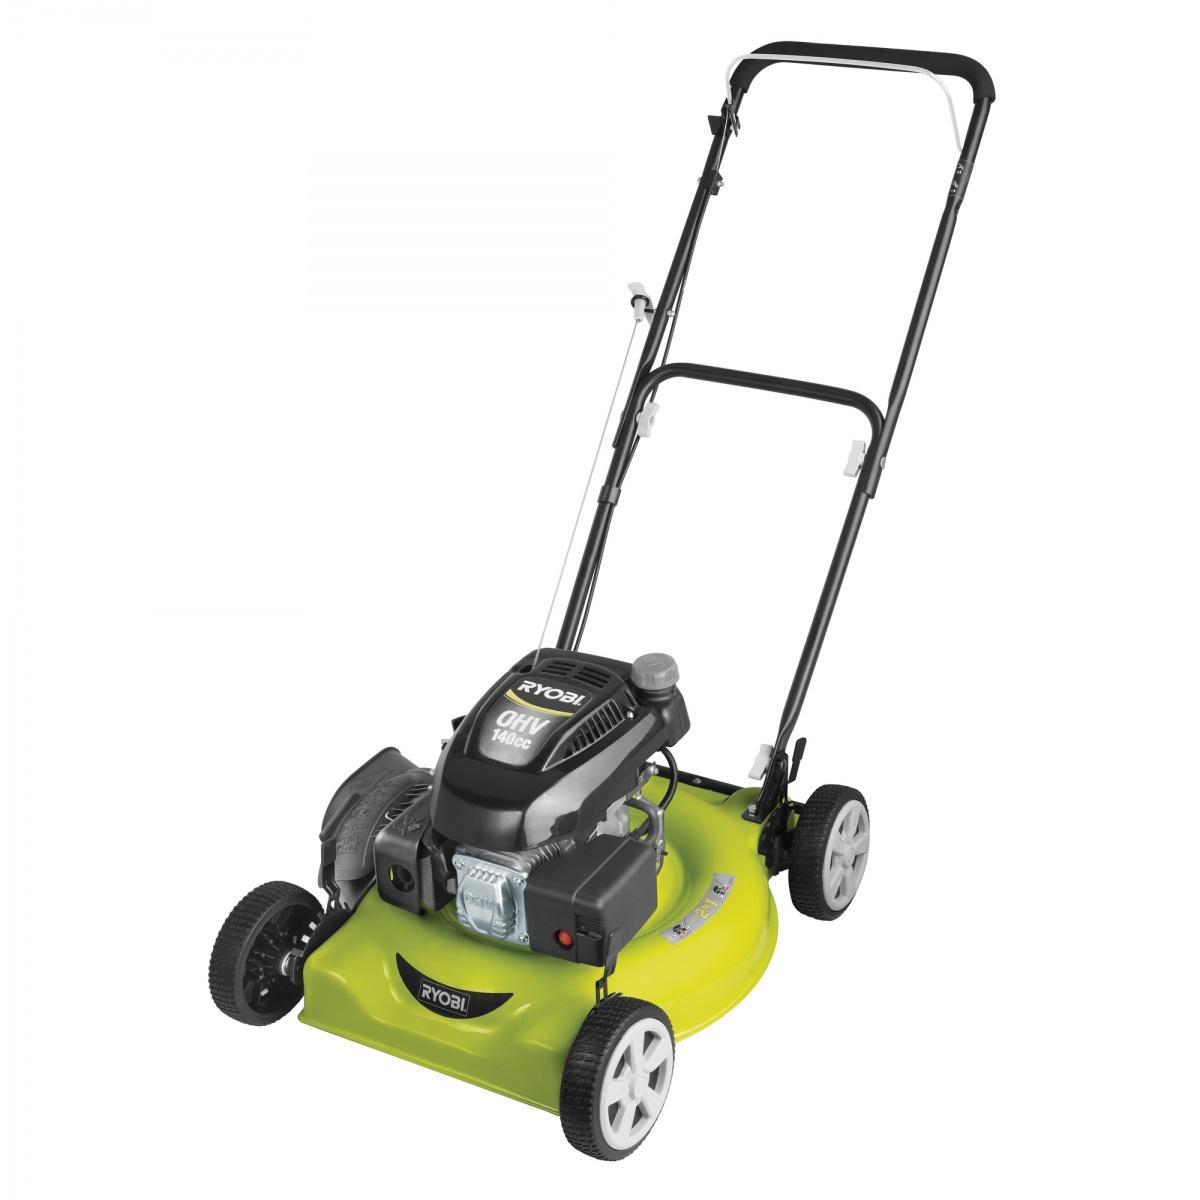 RLM 1451 ME - travní sekačka s mulčovací funkcí a benzinovým motorem